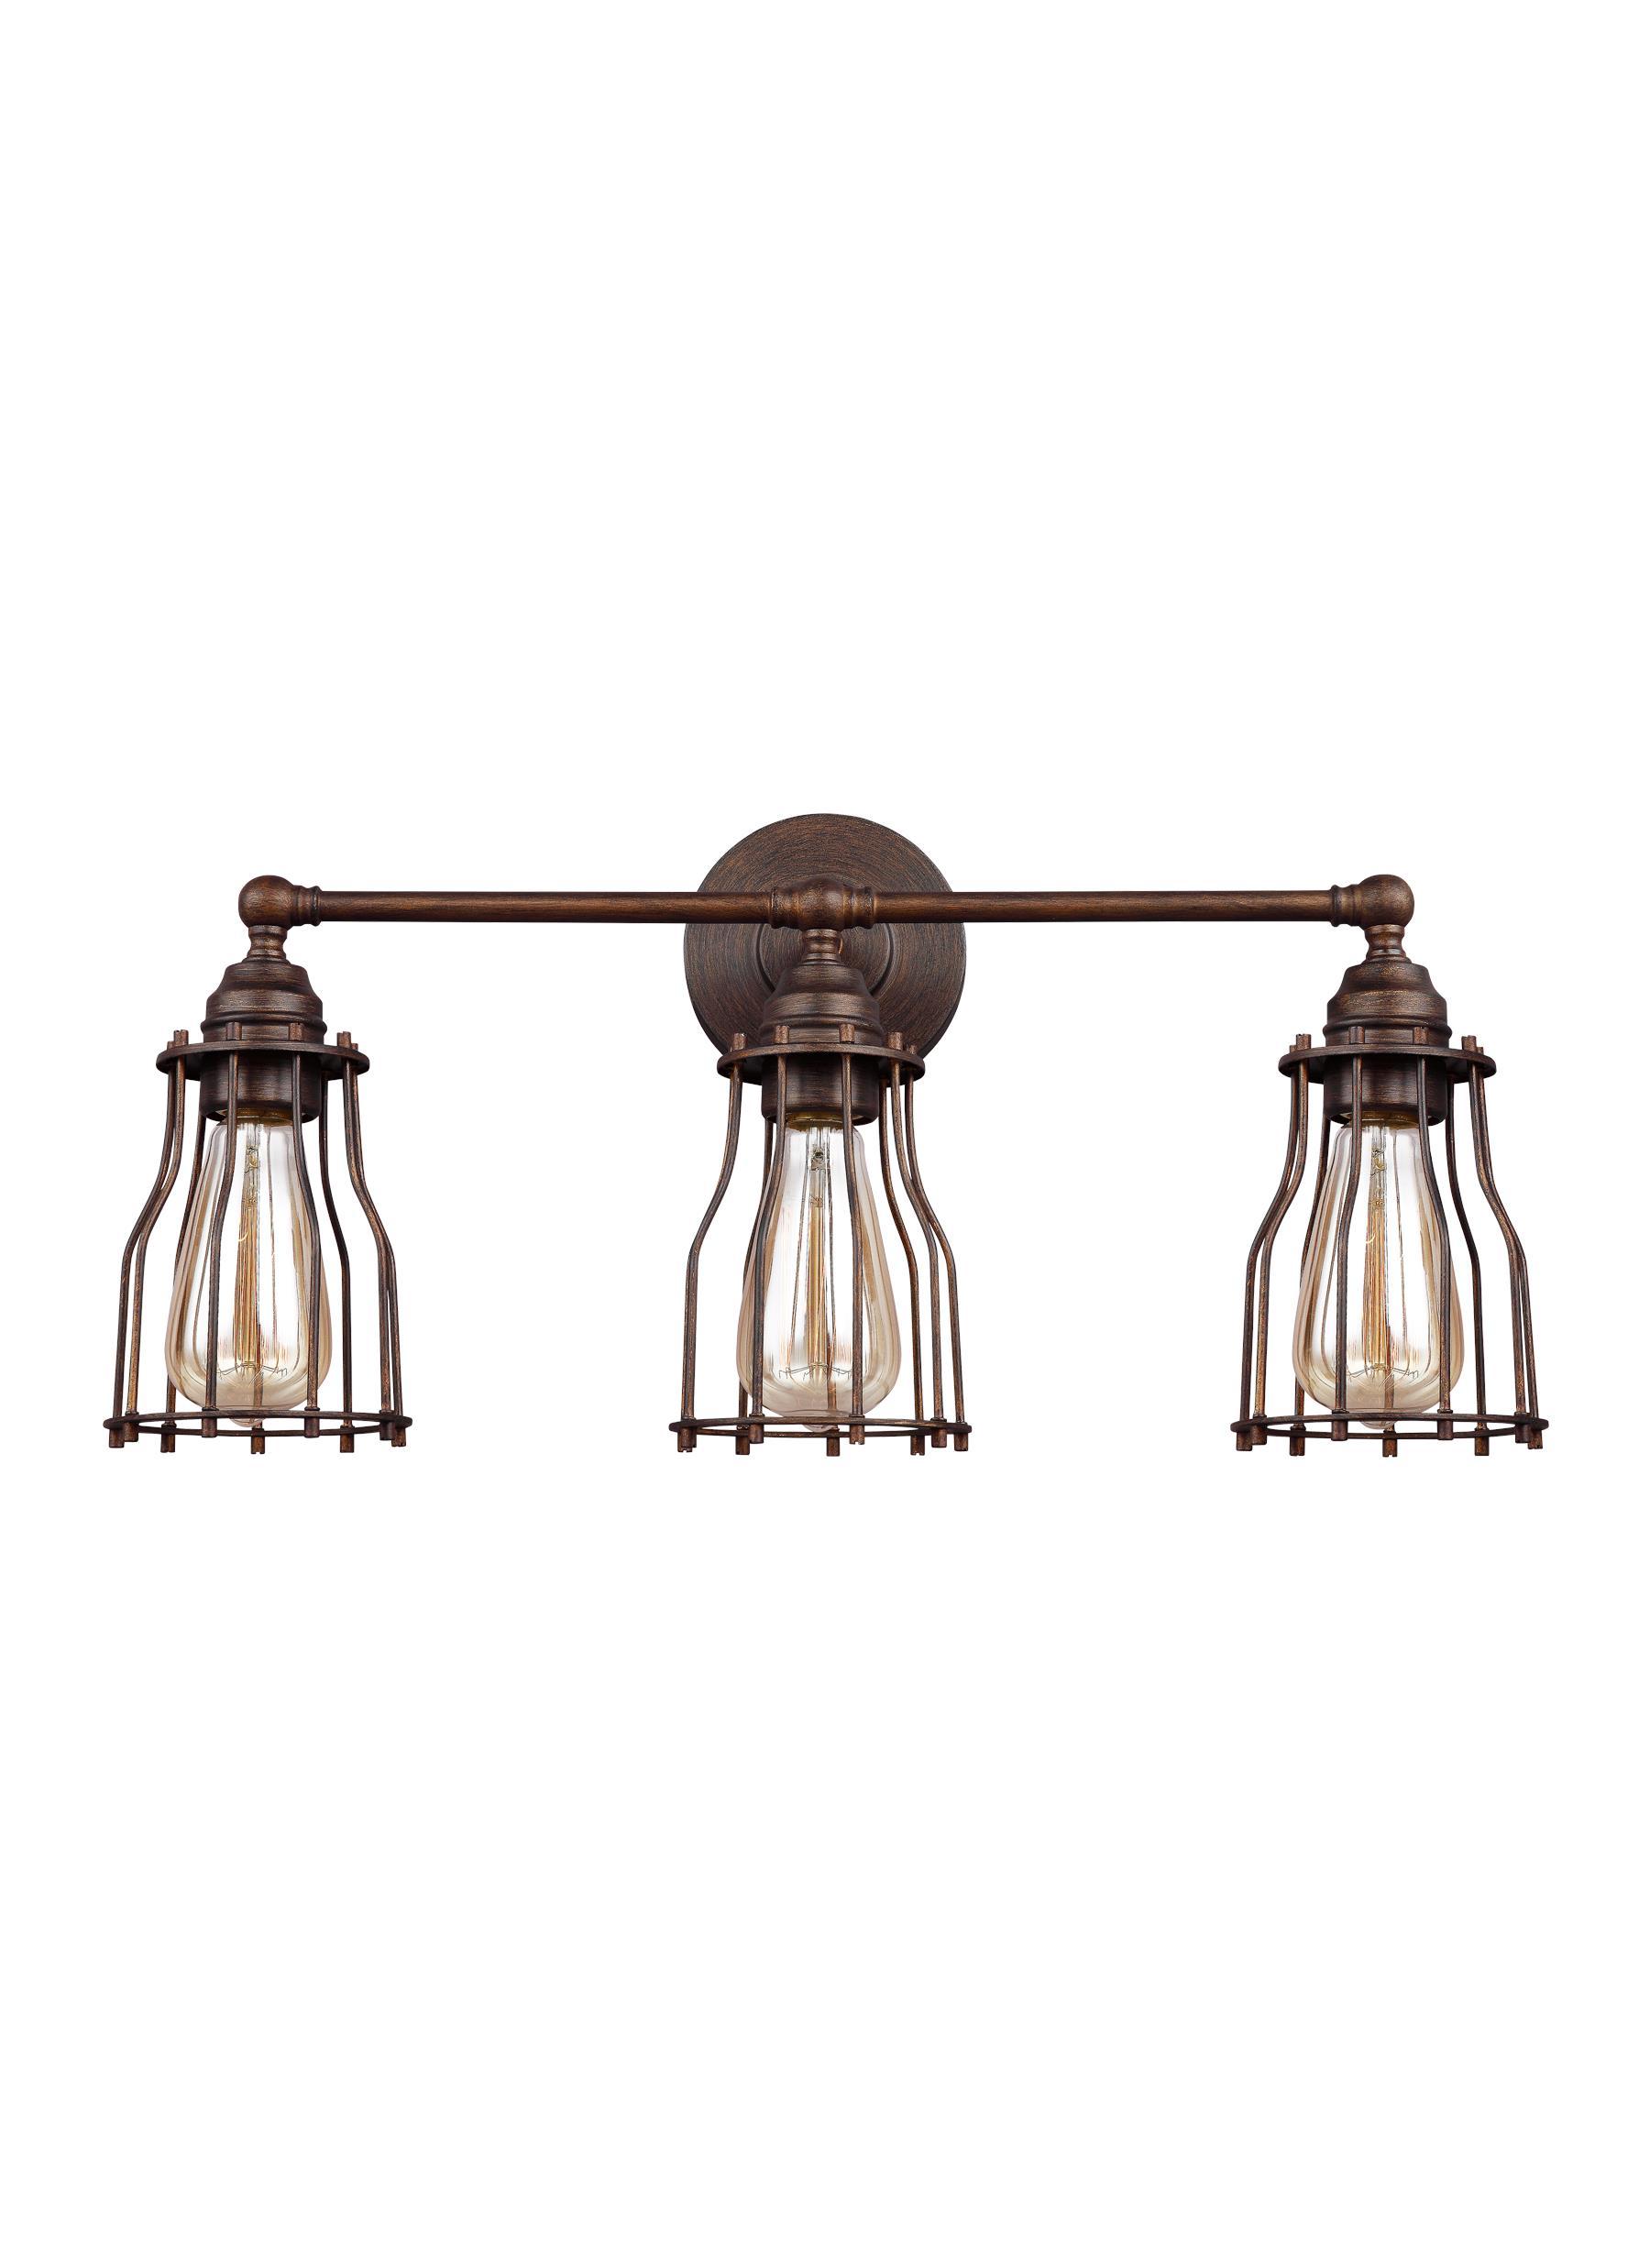 3 light vanity venetian bronze light vanity loading zoom vs24003prz3 vanityparisian bronze